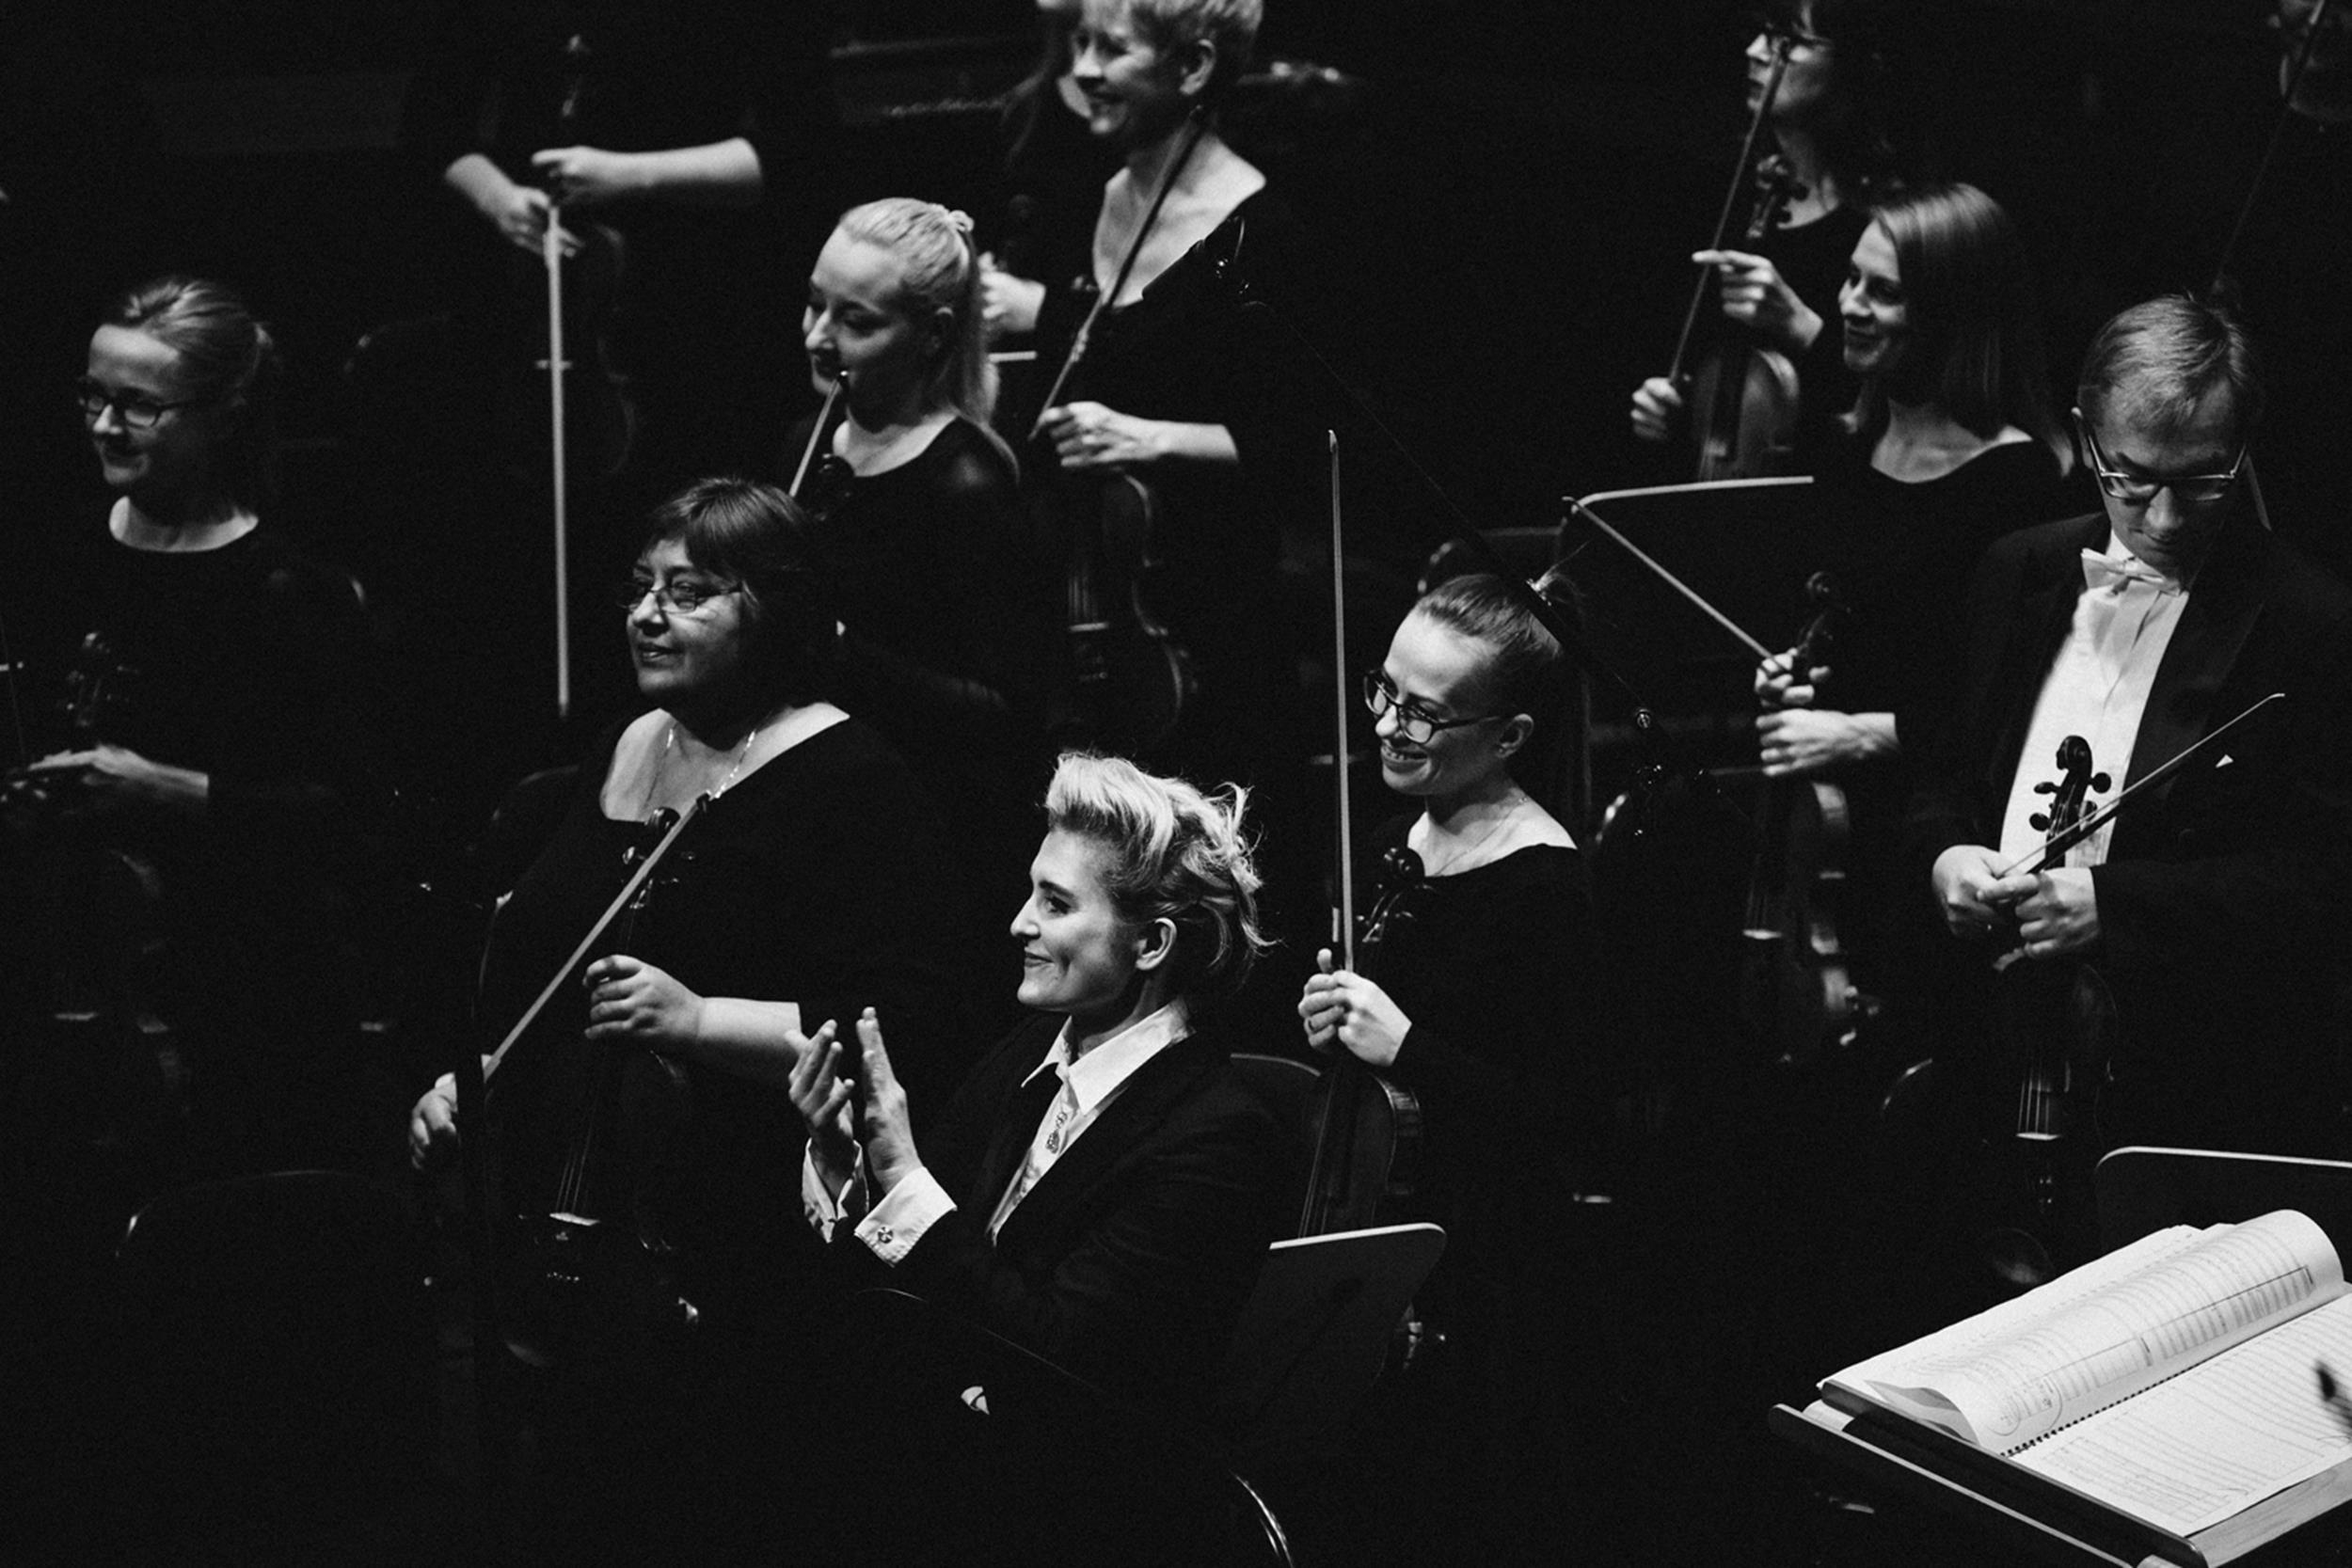 Patrycja Pieczara i Orkiestra Filharmonii Szczecin Fot. Kinga Karpati&Daniel Zarewicz PRESTIGE PORTRAIT